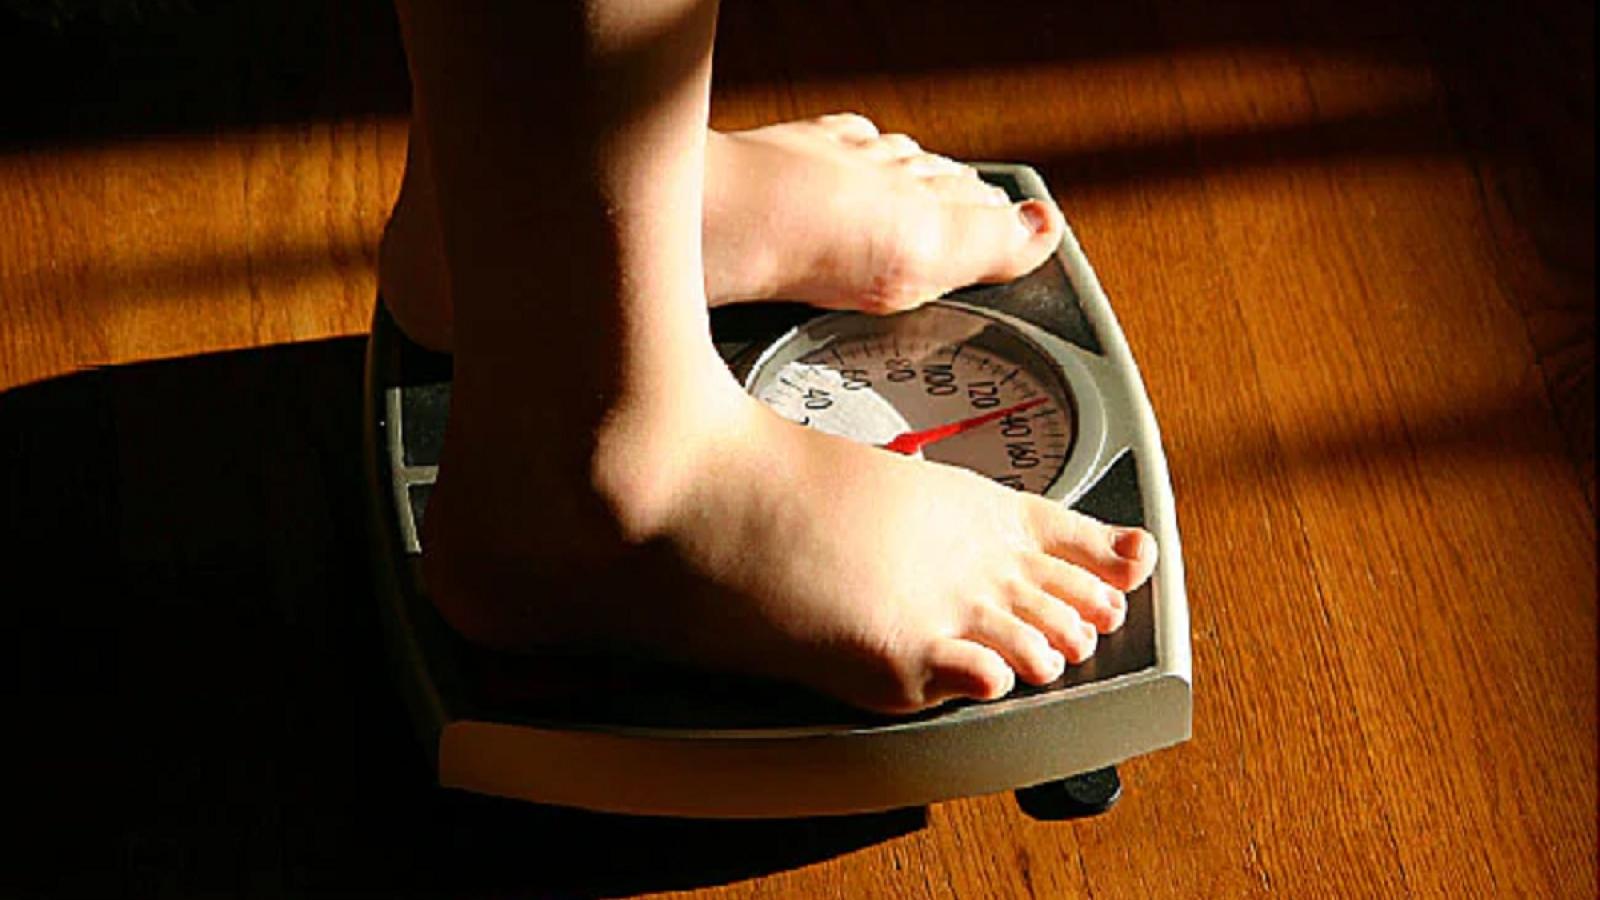 Thanh thiếu niên bị béo phì có nguy cơ mắc các bệnh nguy hiểm khi trưởng thành